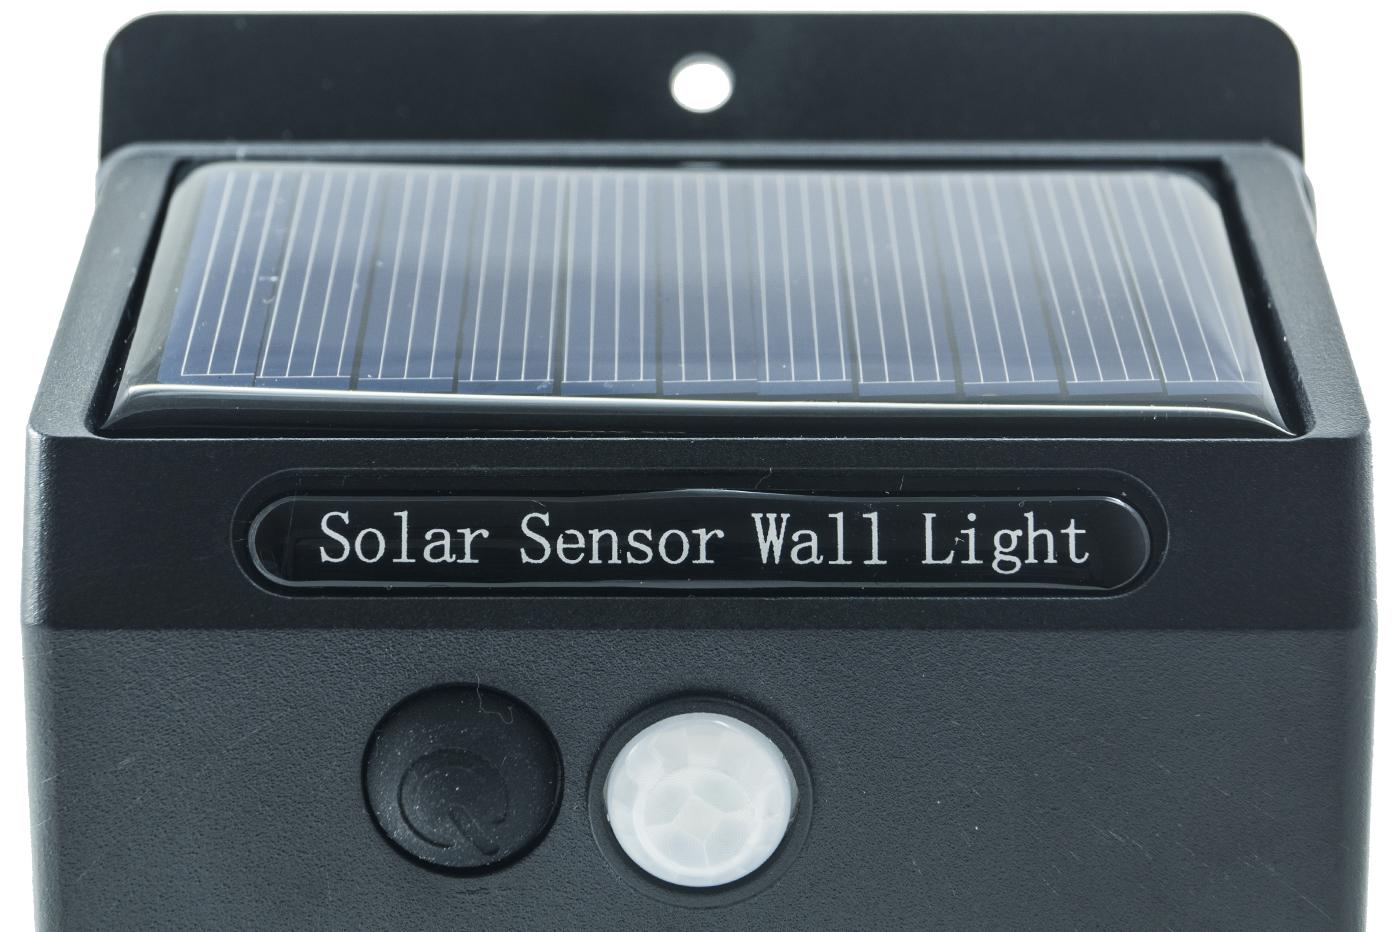 Plafoniere Da Esterno Solari : Bes 21765 illuminazione ad energia solare beselettronica faro